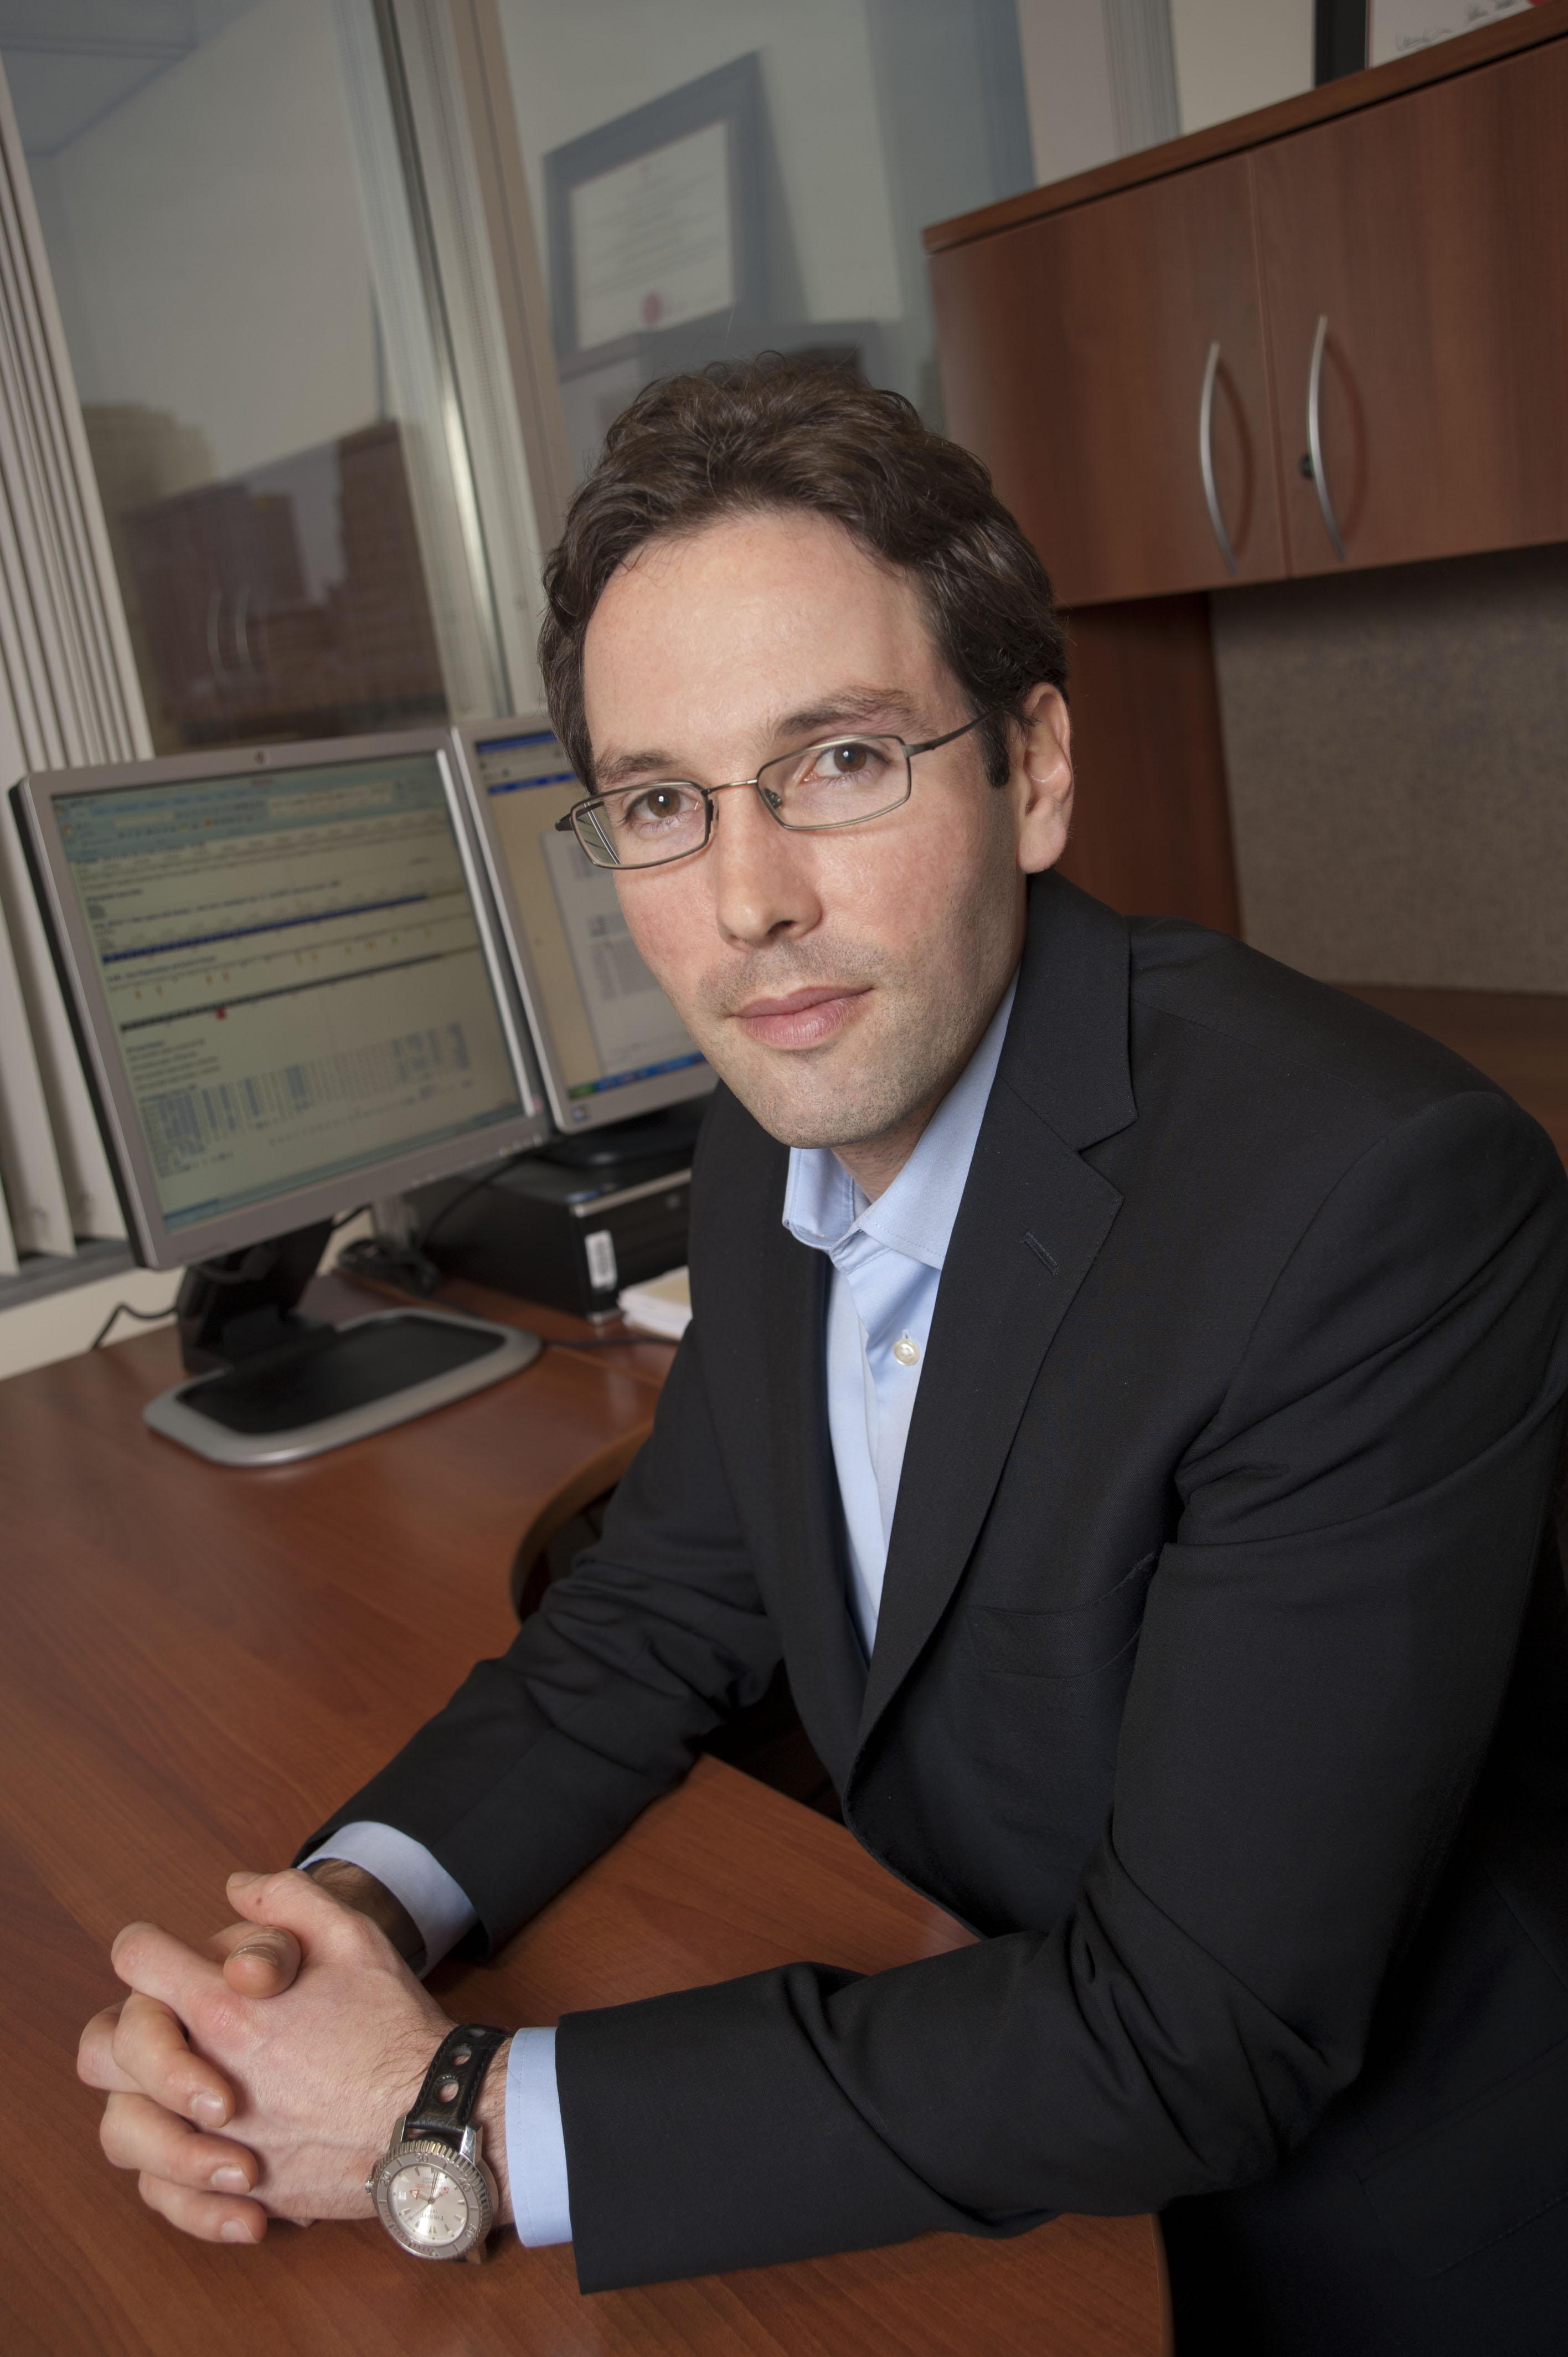 Headshot of Researcher Dr. Jordan Lerner Ellis